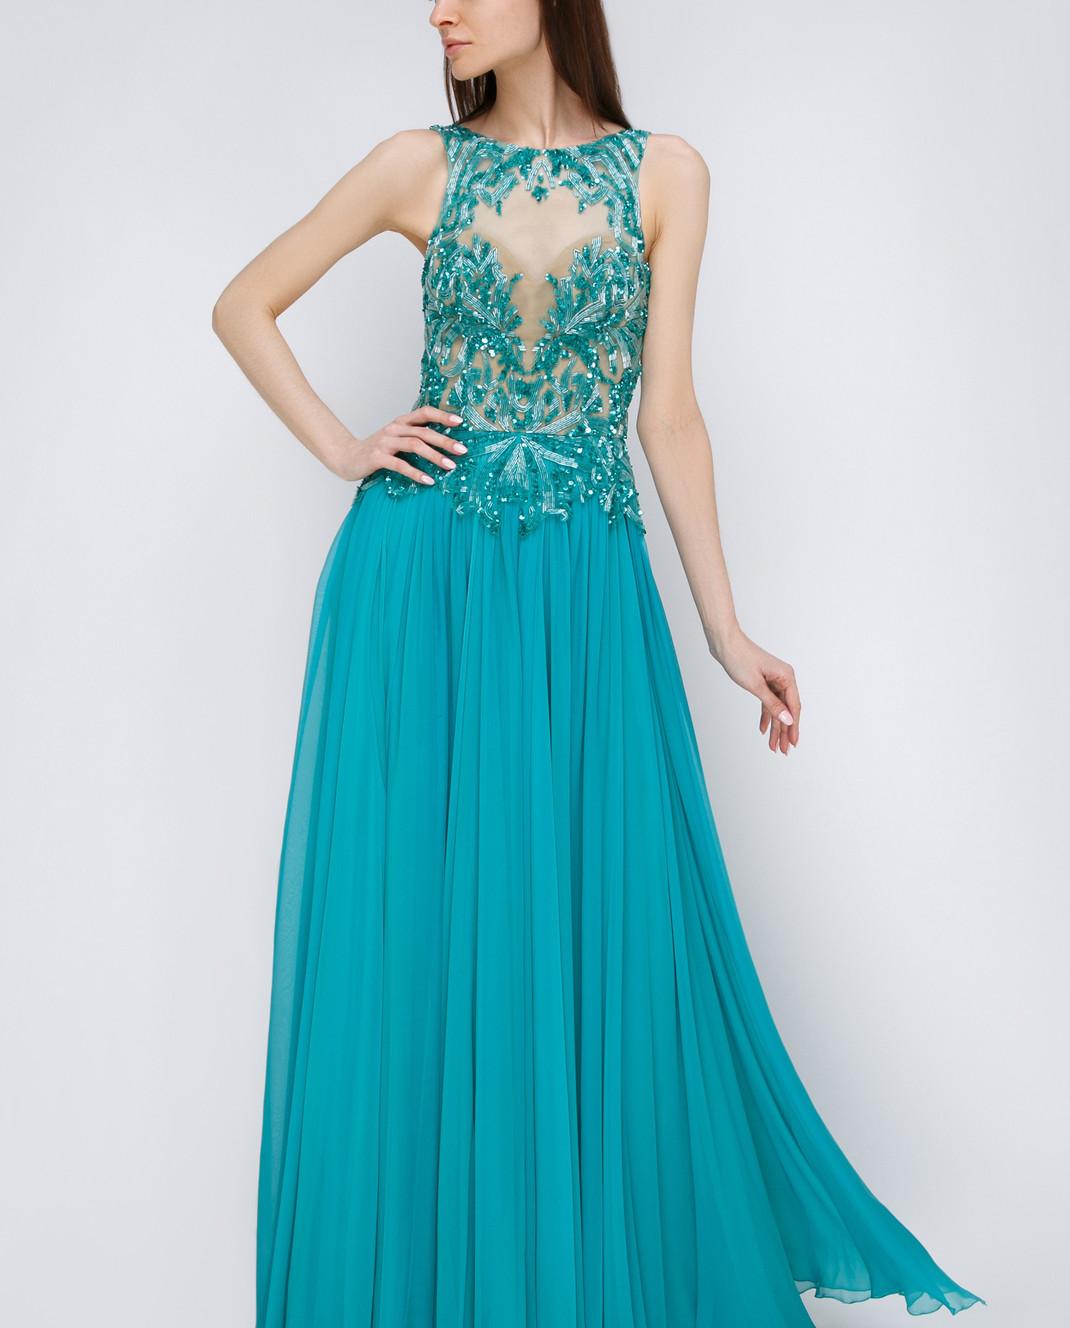 Zuhair Murad Бирюзовое платье из шелка RDRS15008DL99 изображение 3